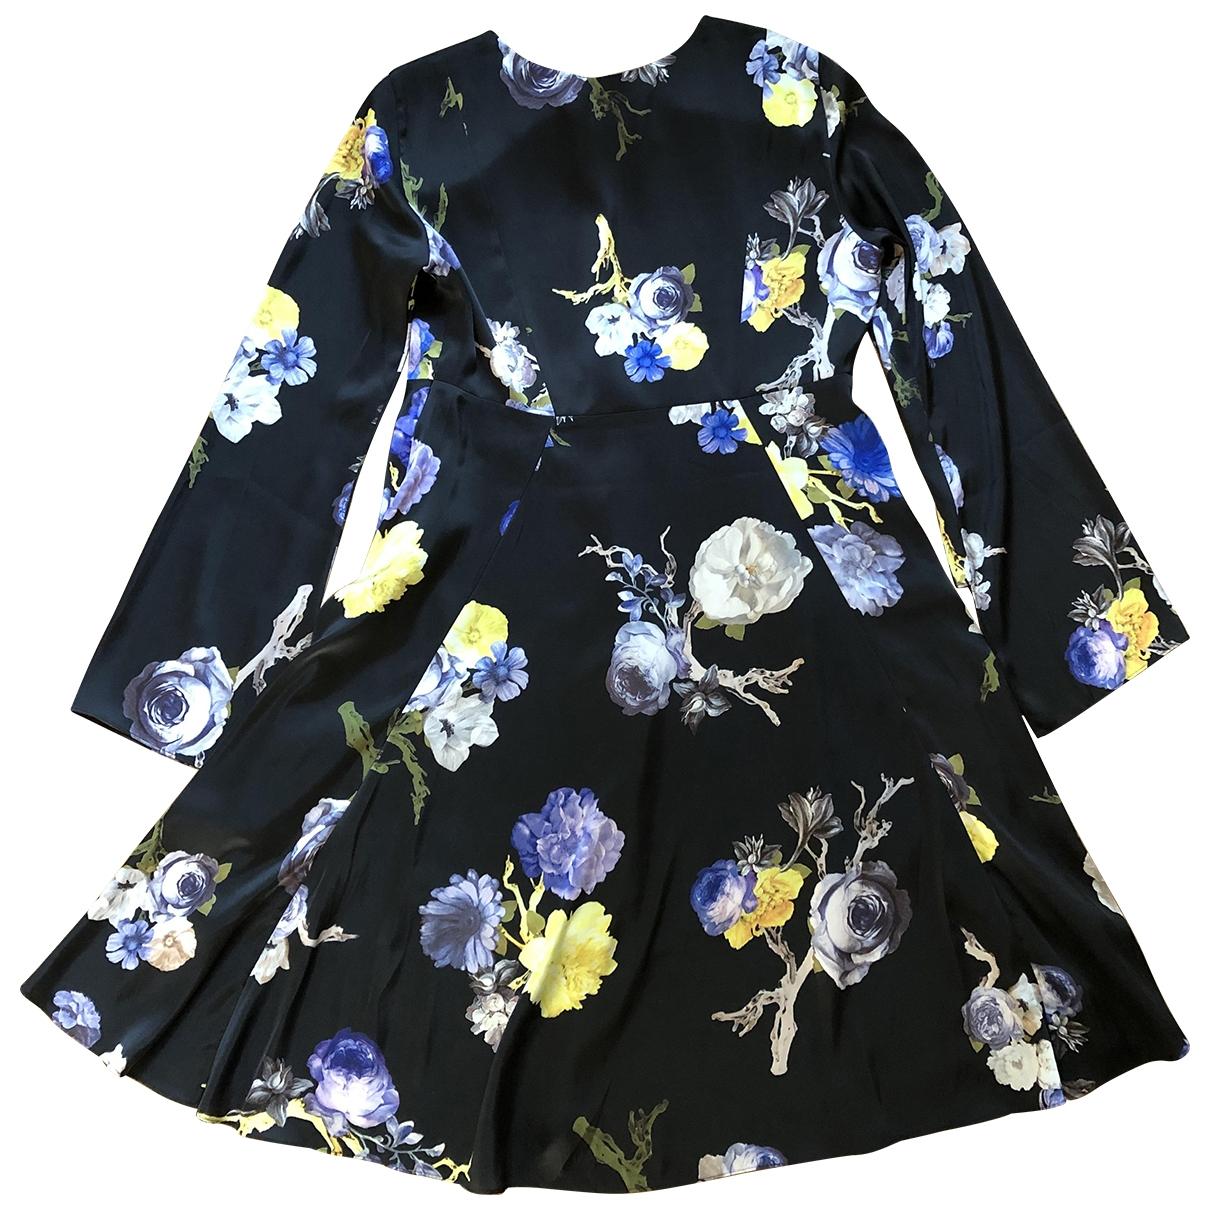 Acne Studios \N Black dress for Women 42 FR